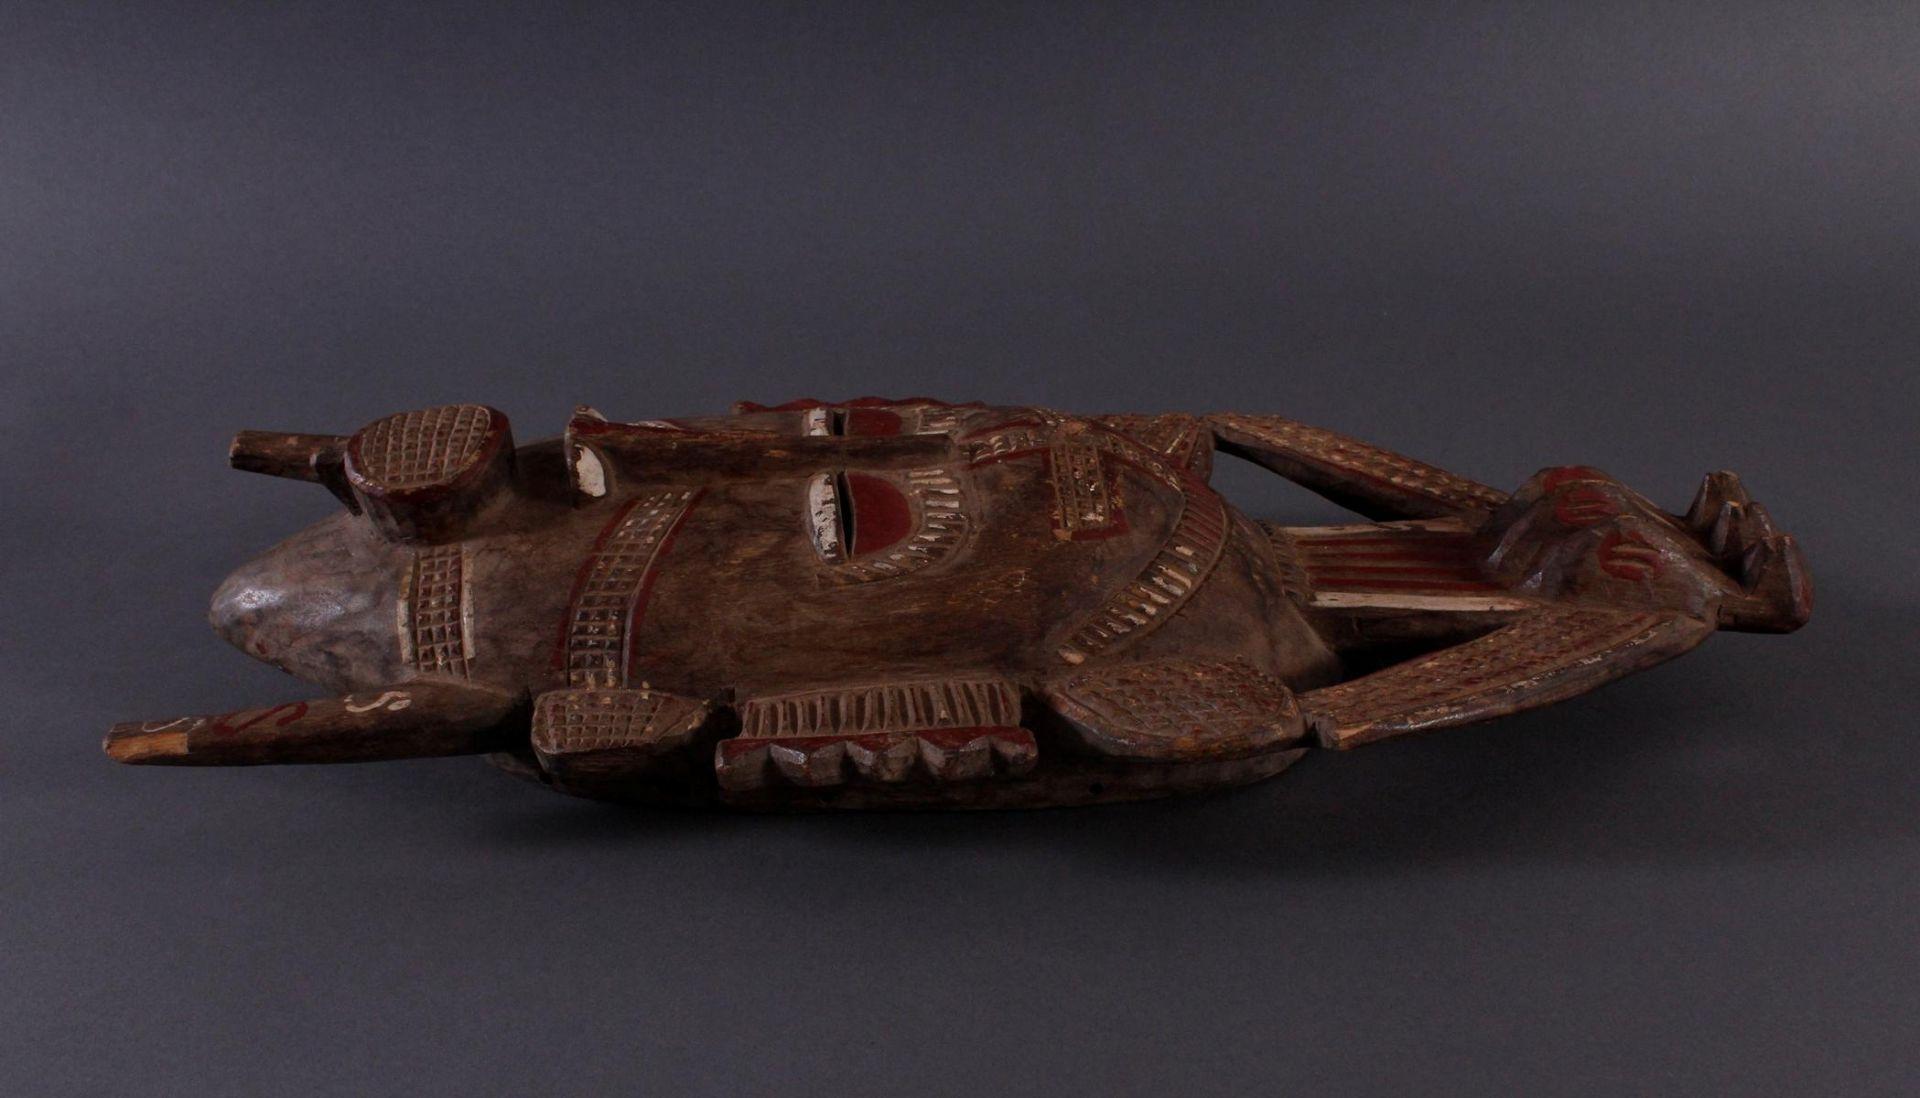 Antike Maske, Senufo, Elfenbeinküste 1. Hälfte 20. Jh.Holz geschnitzt, rotbraune und Weiße Bemalung, - Bild 4 aus 5